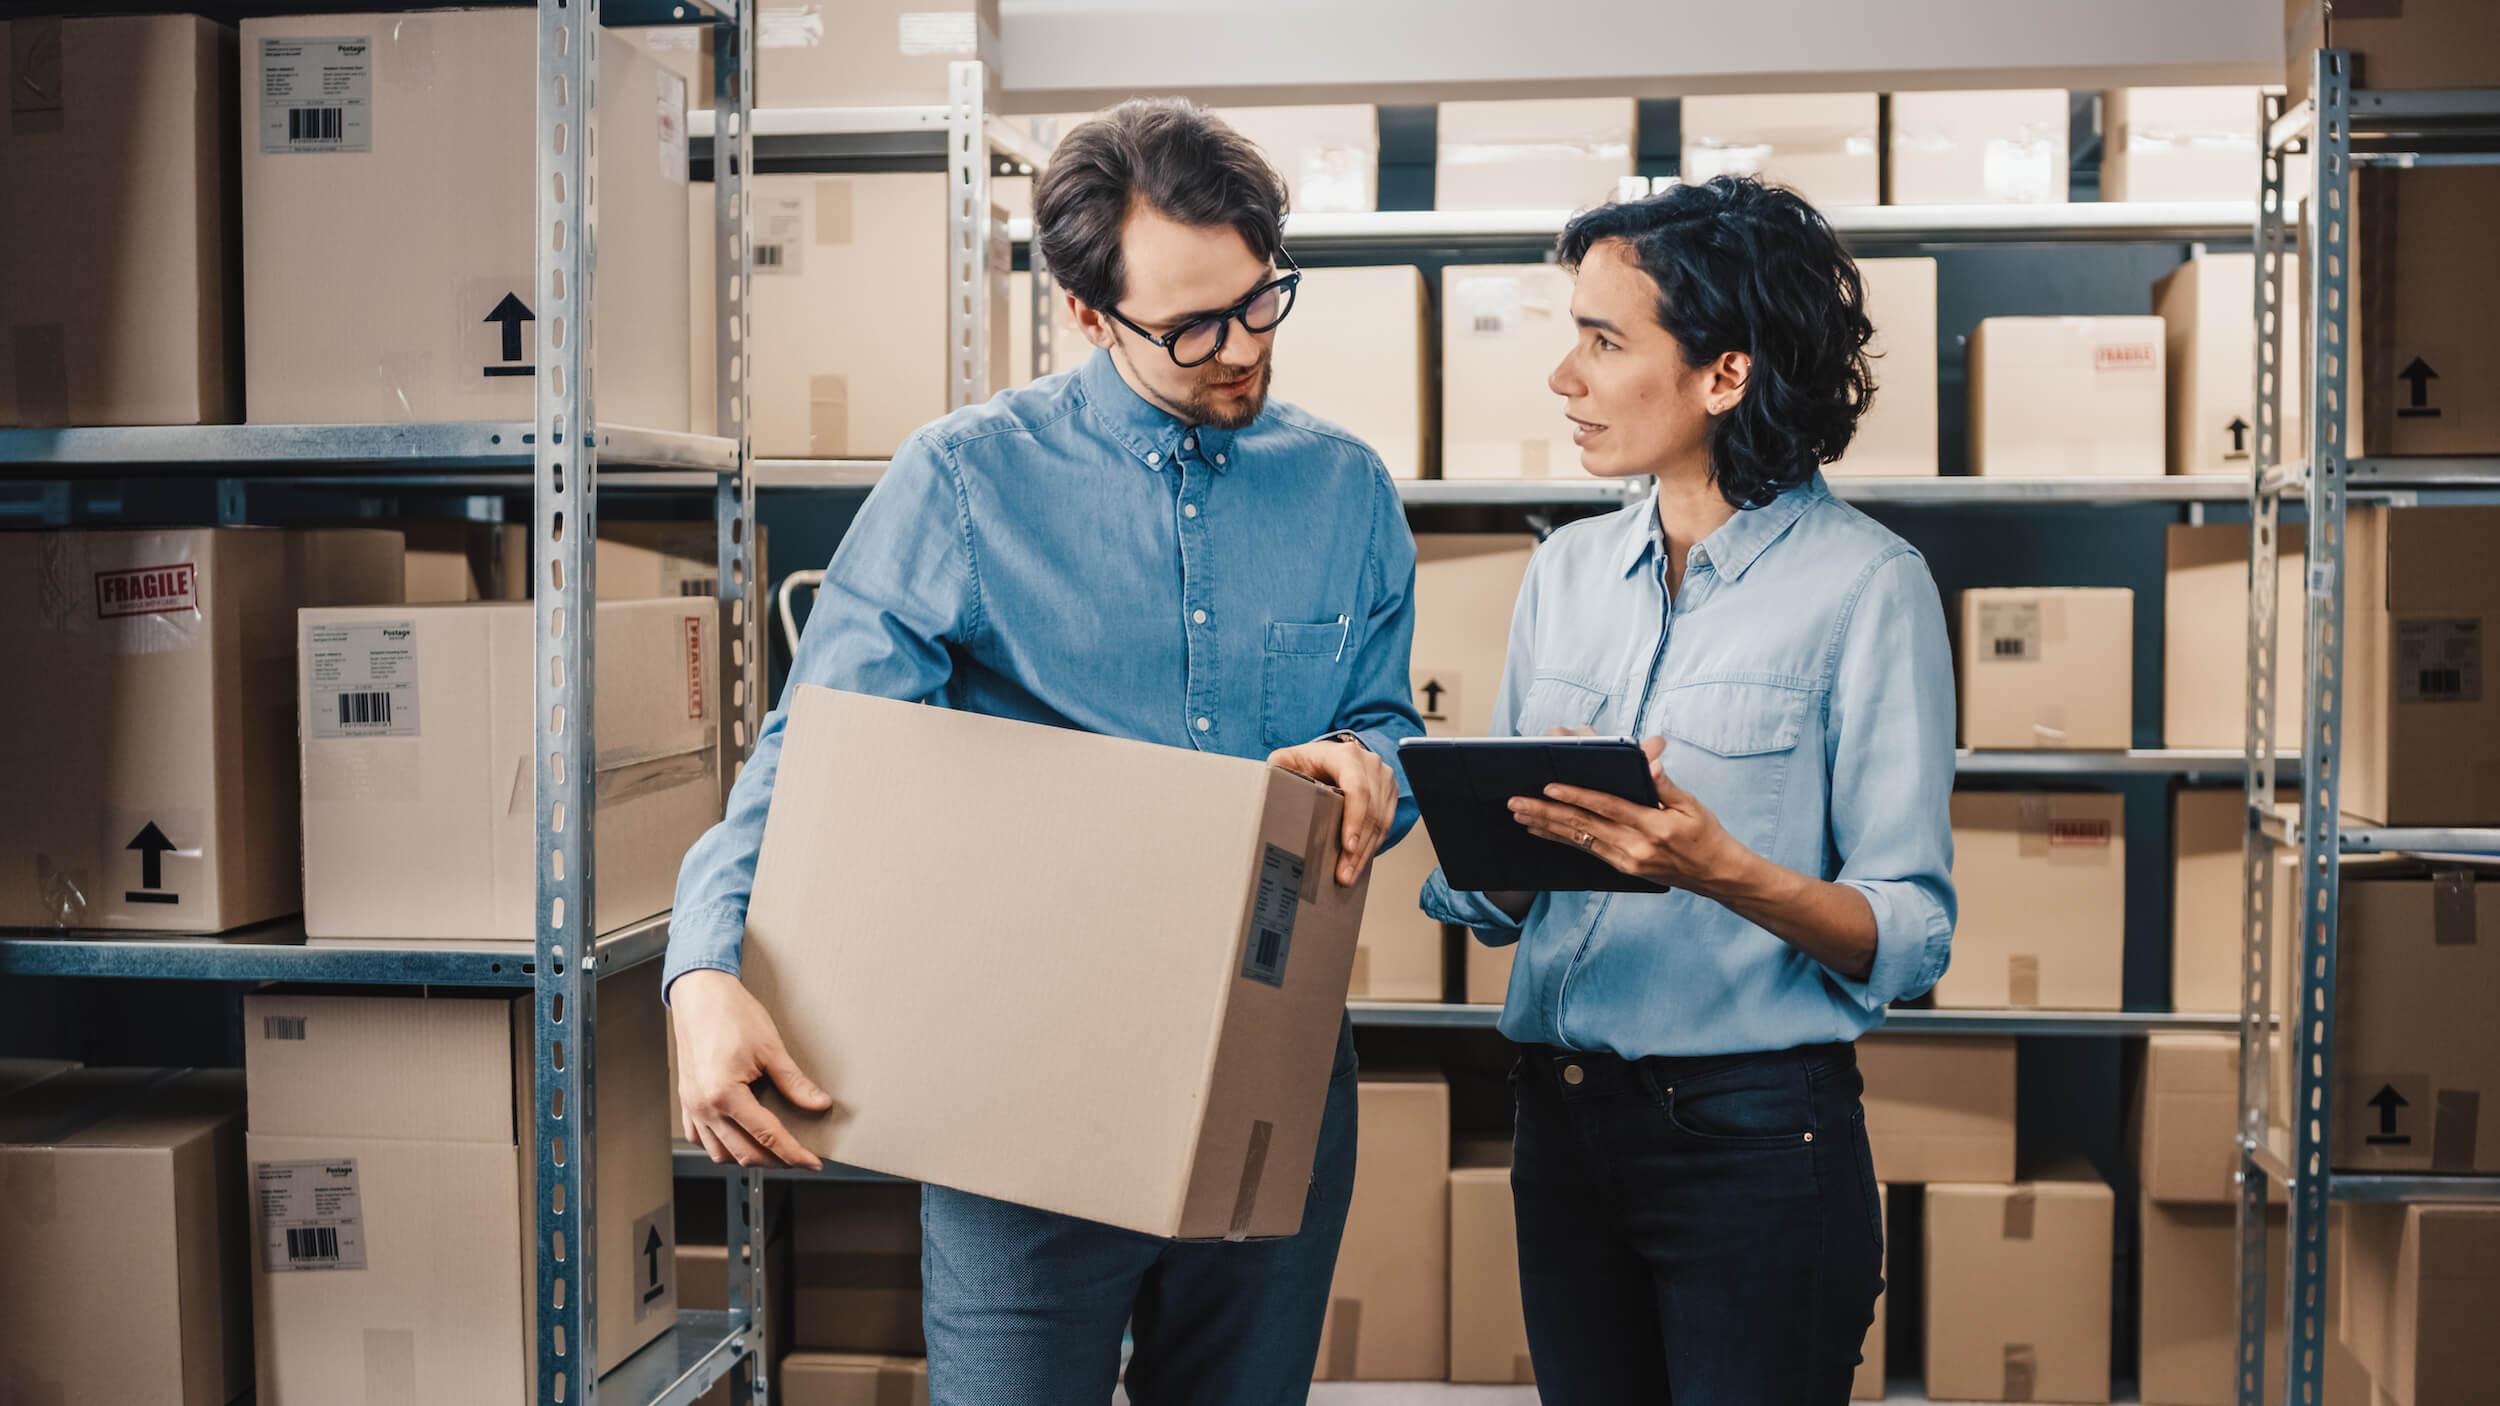 dos personas en el almacén preparando un pedido